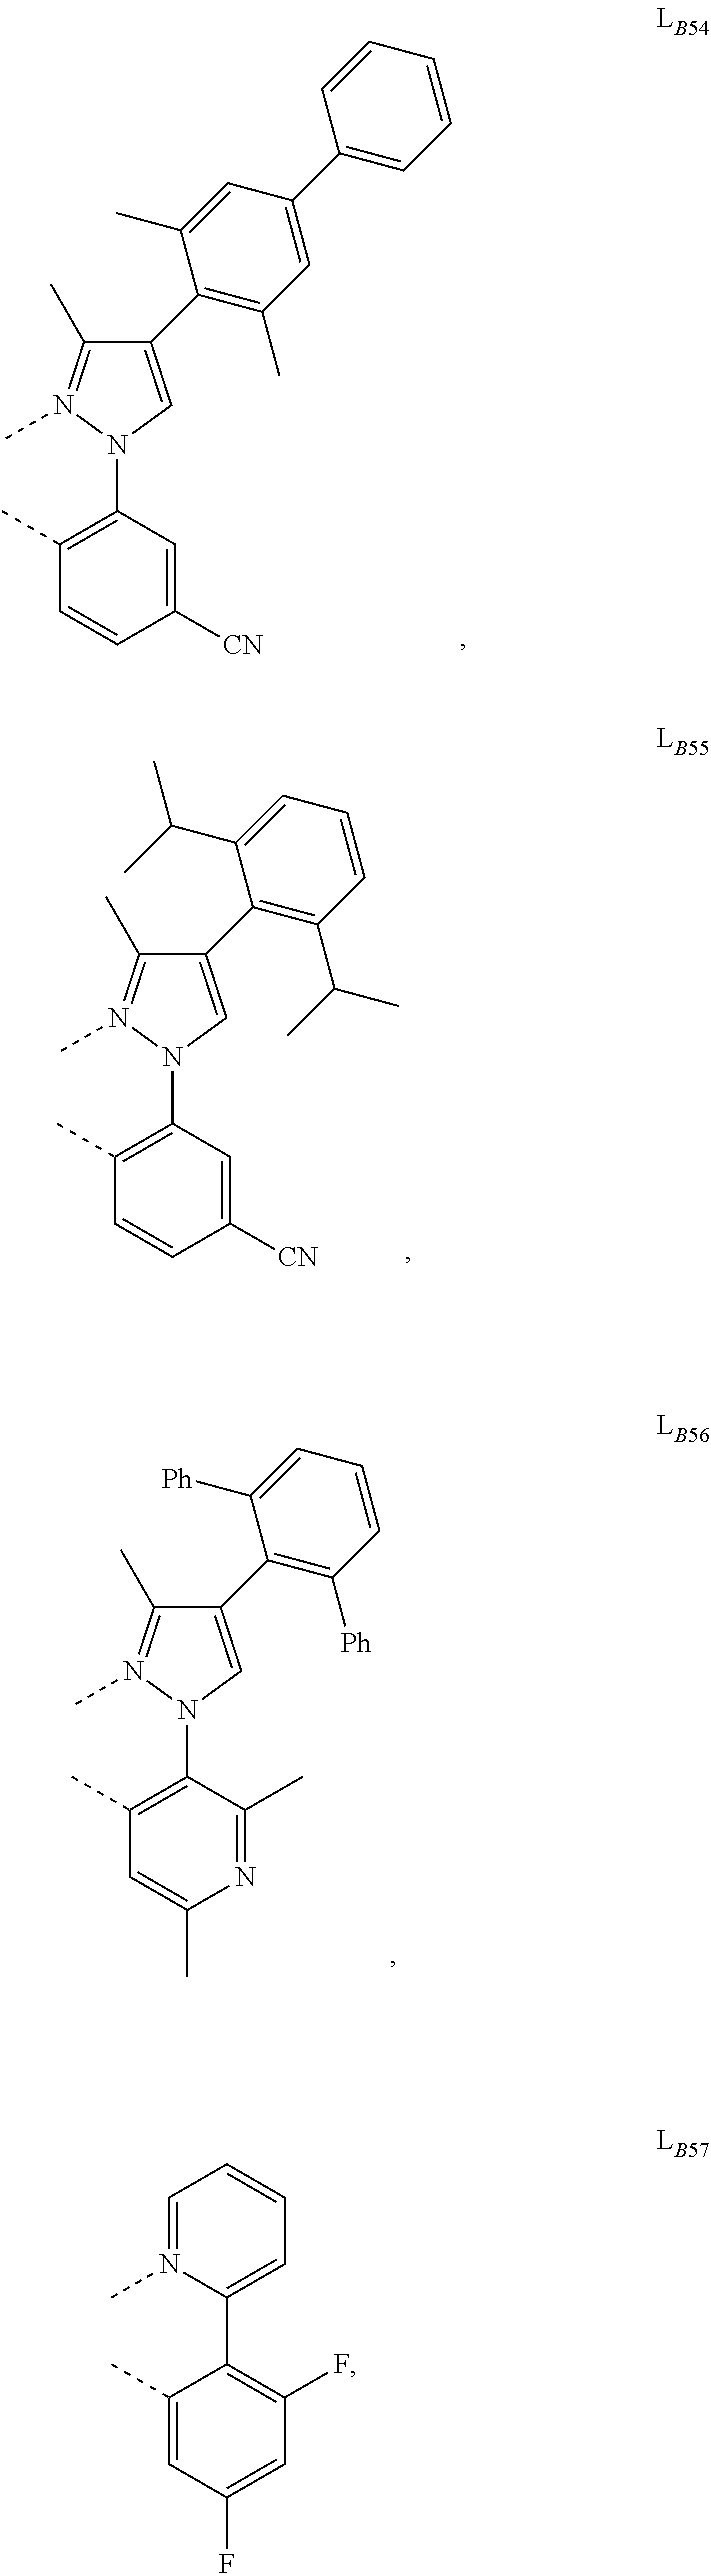 Figure US09905785-20180227-C00569